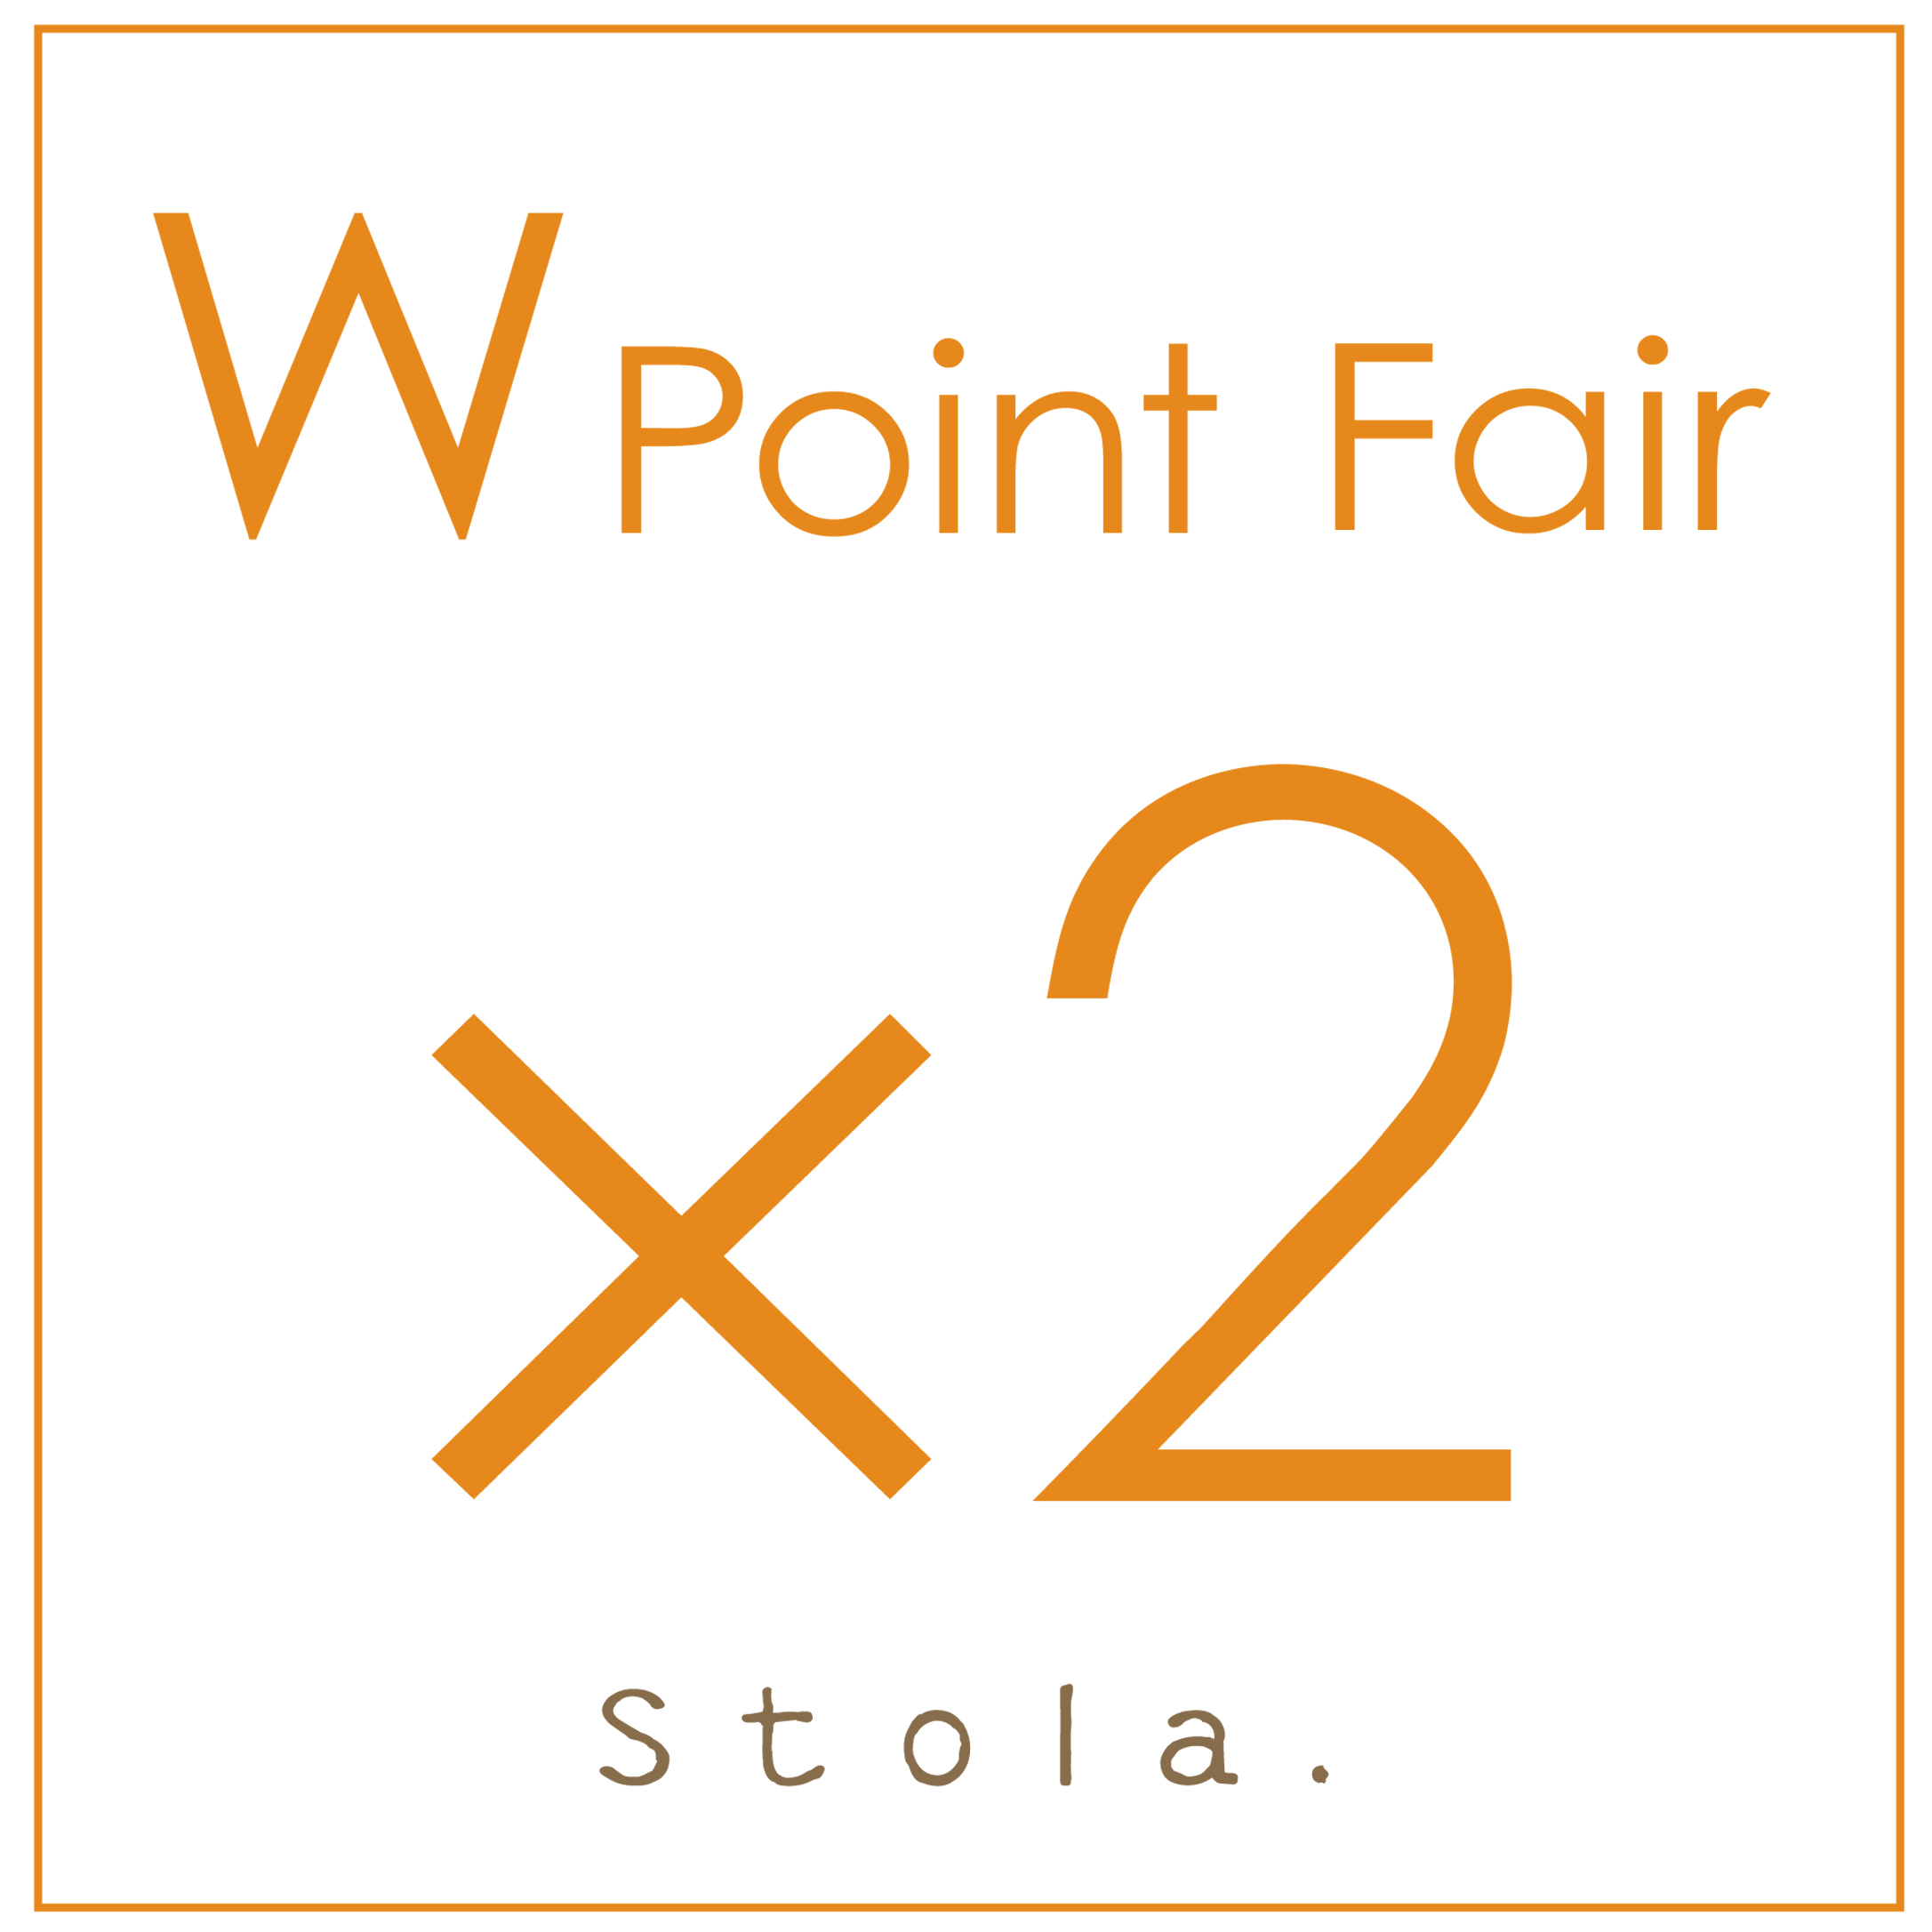 W Point Fair